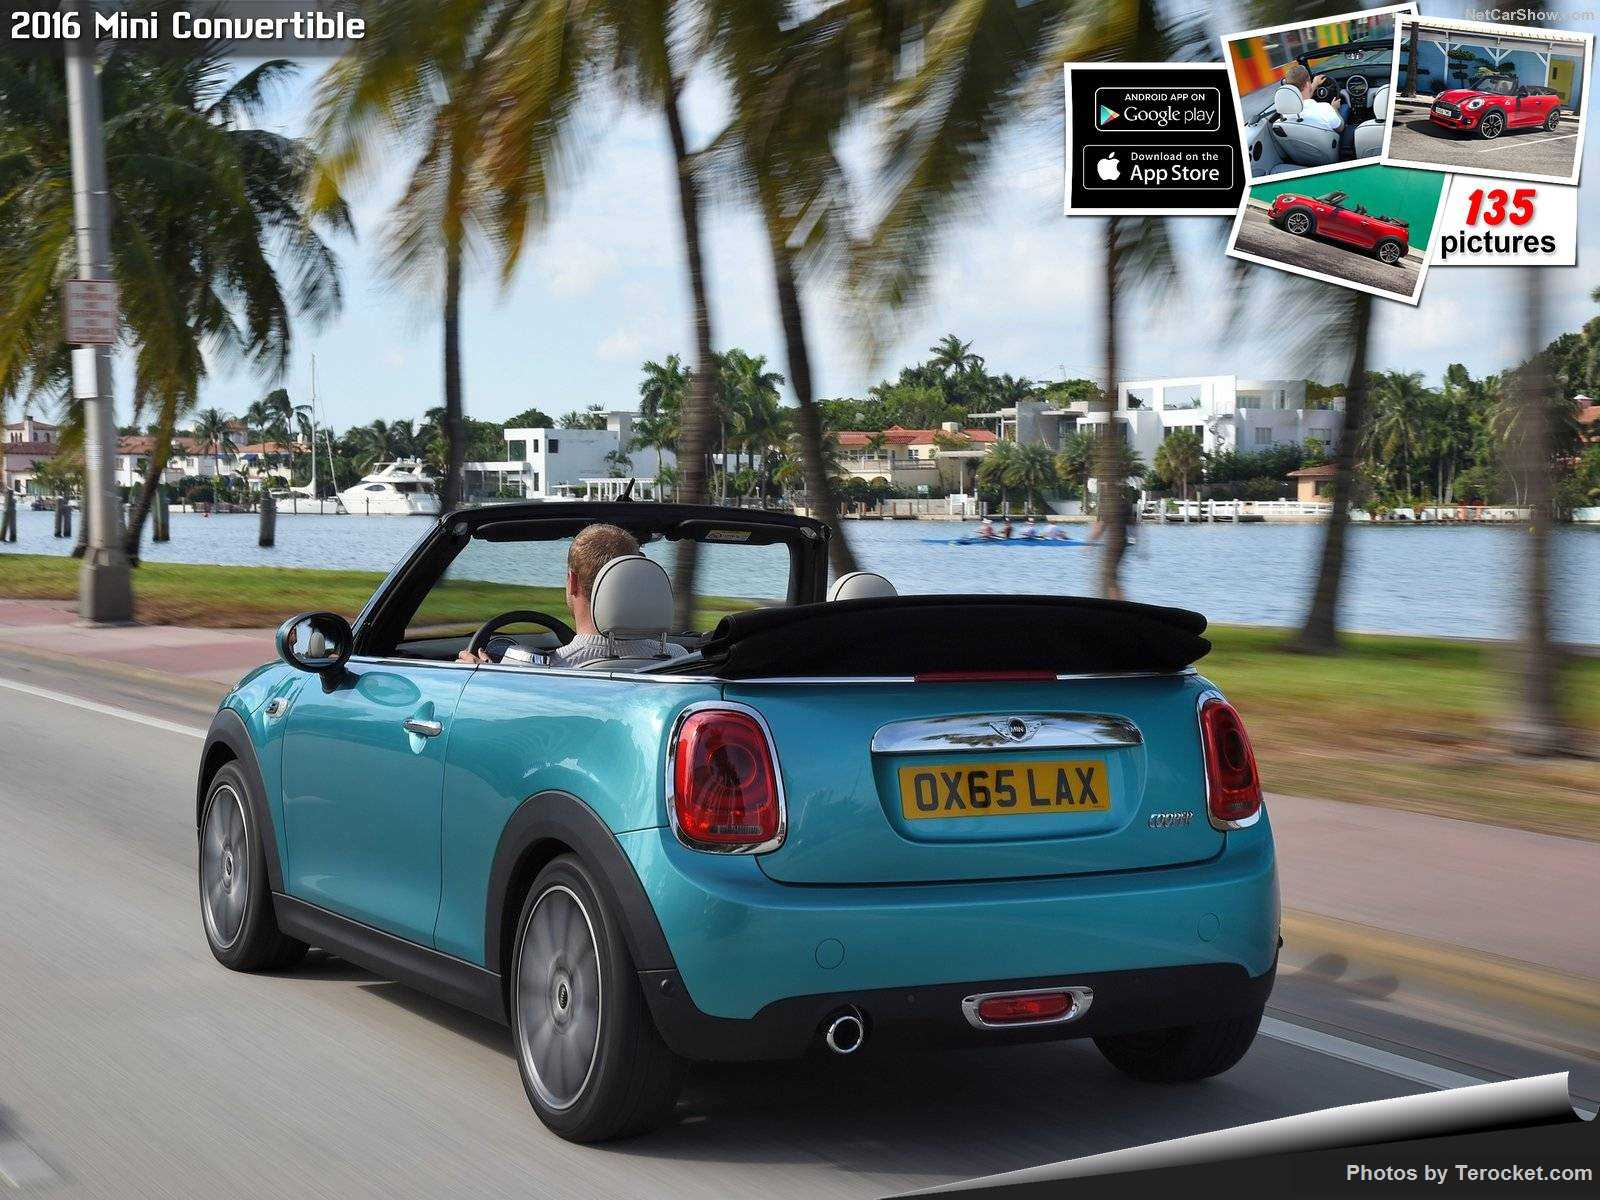 Hình ảnh xe ô tô Mini Convertible 2016 & nội ngoại thất